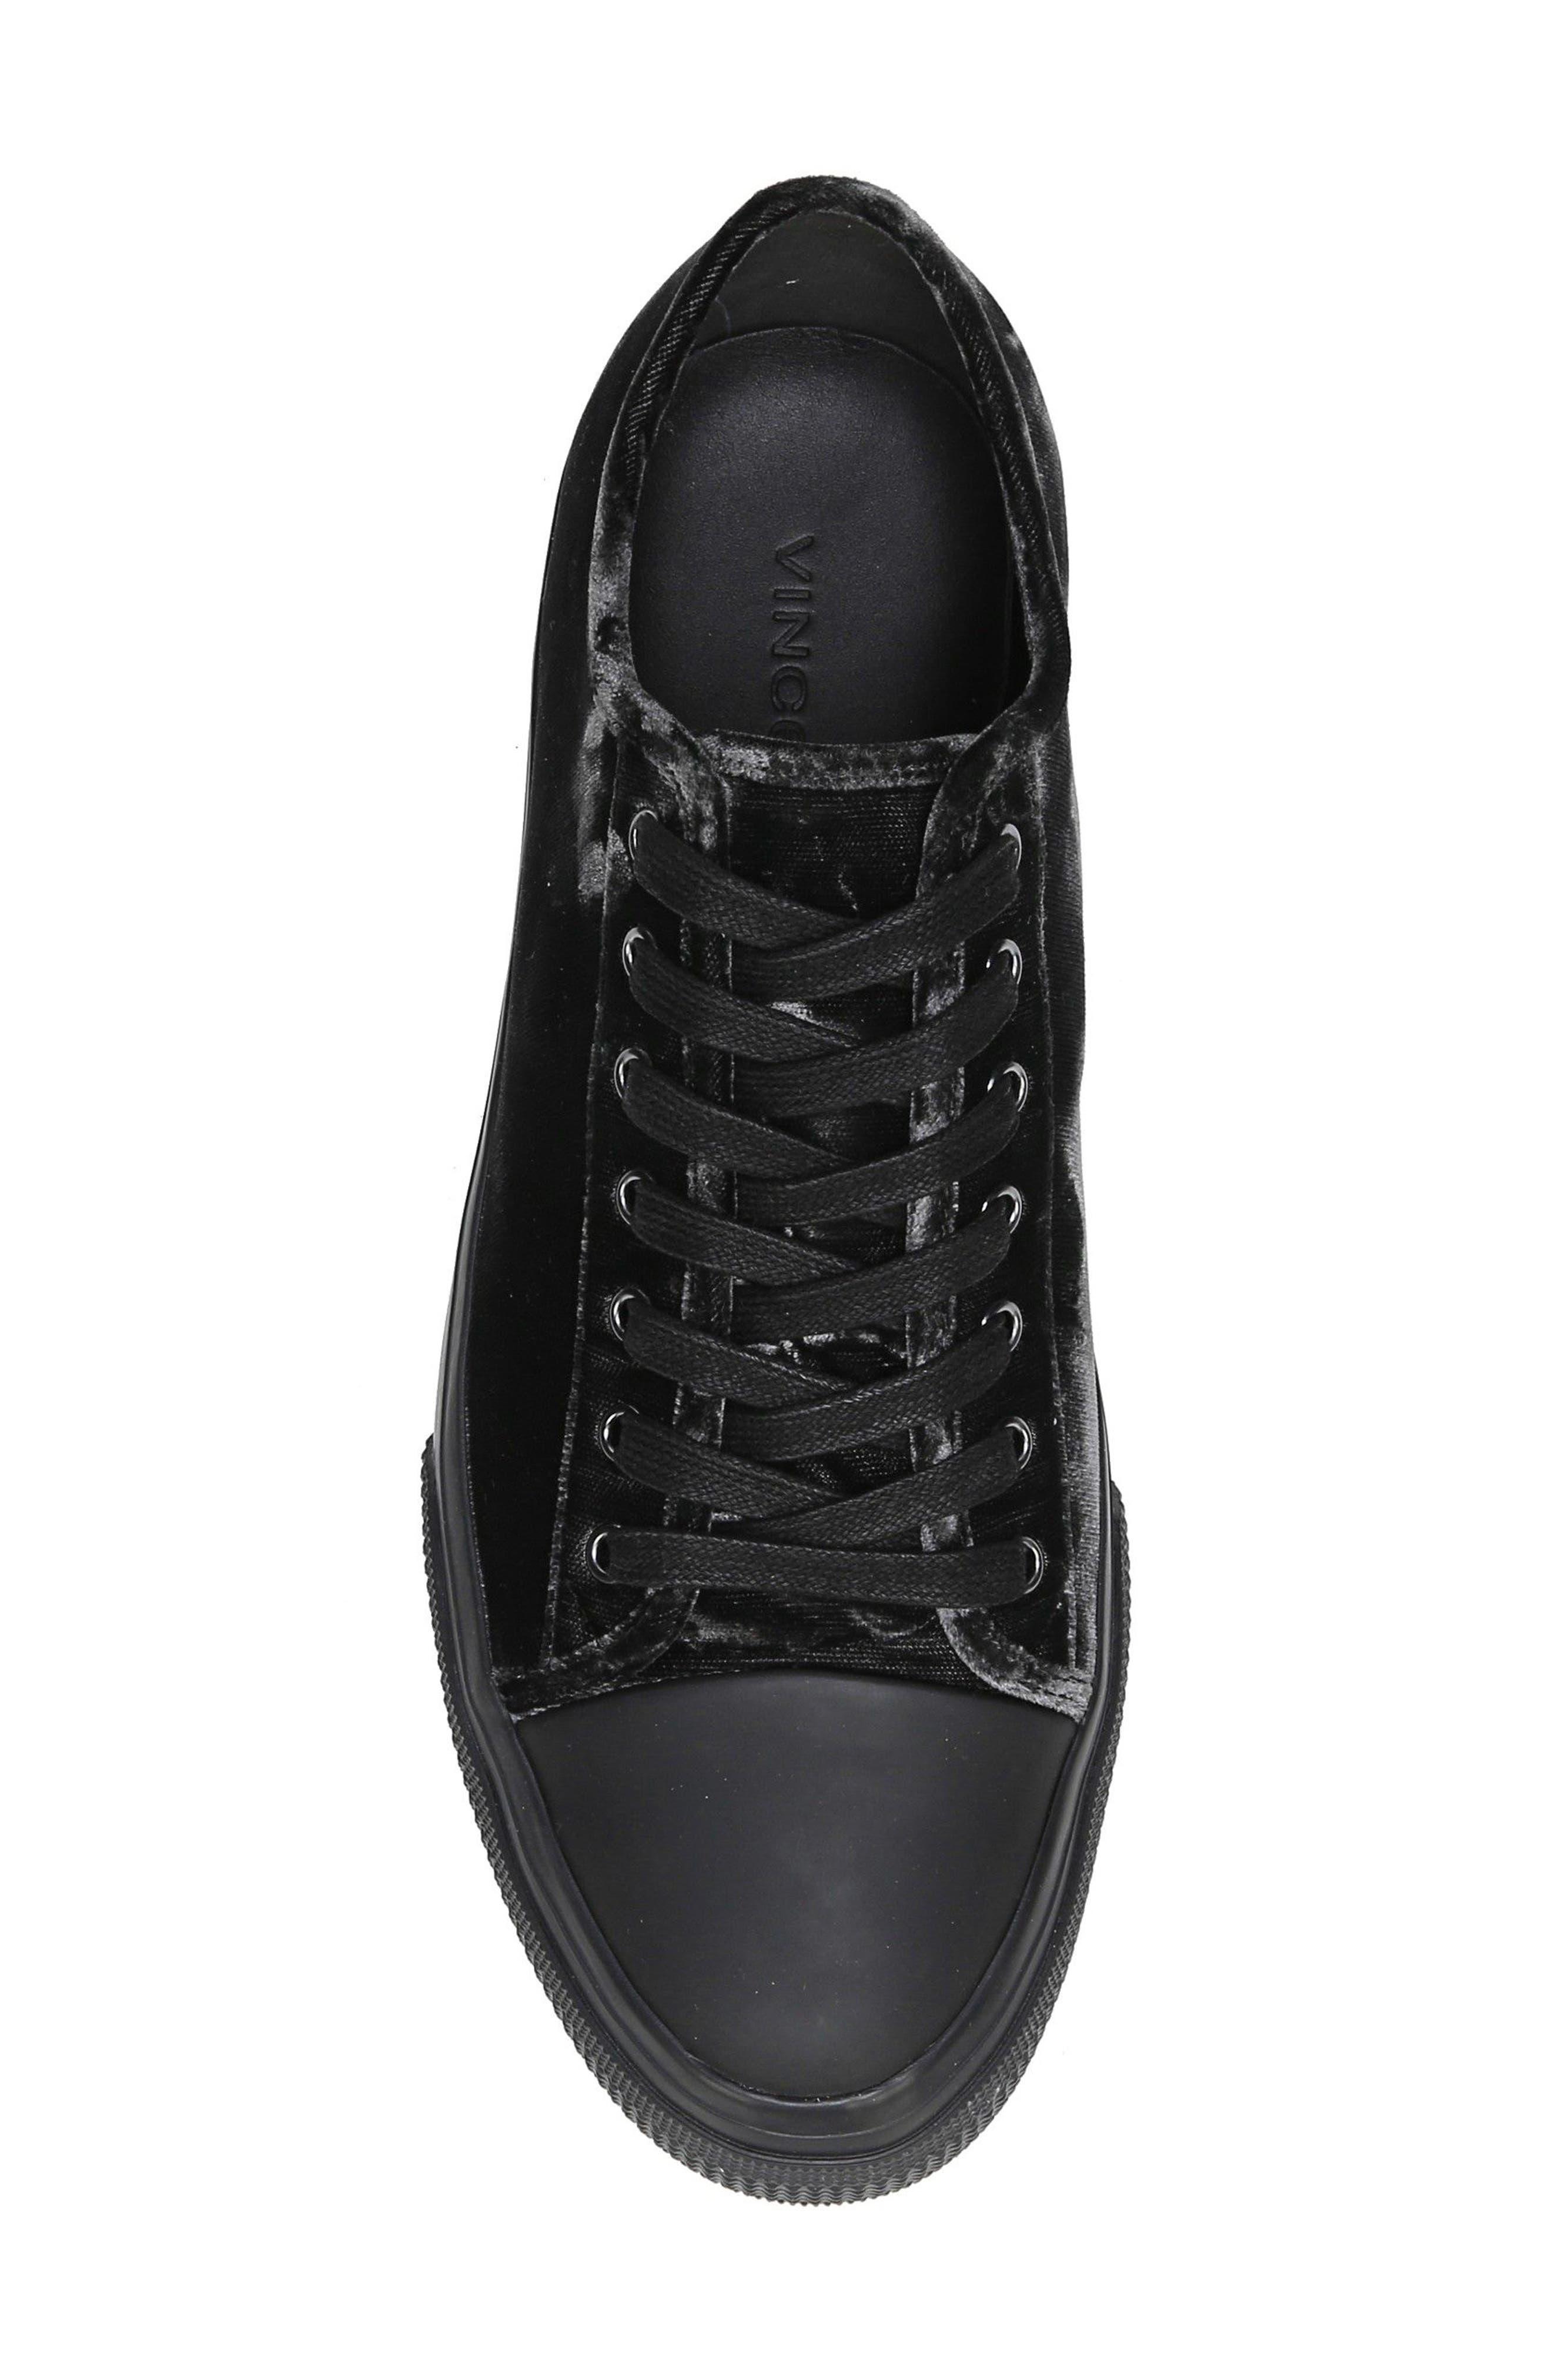 Tiller Sneaker,                             Alternate thumbnail 5, color,                             Graphite/ Black